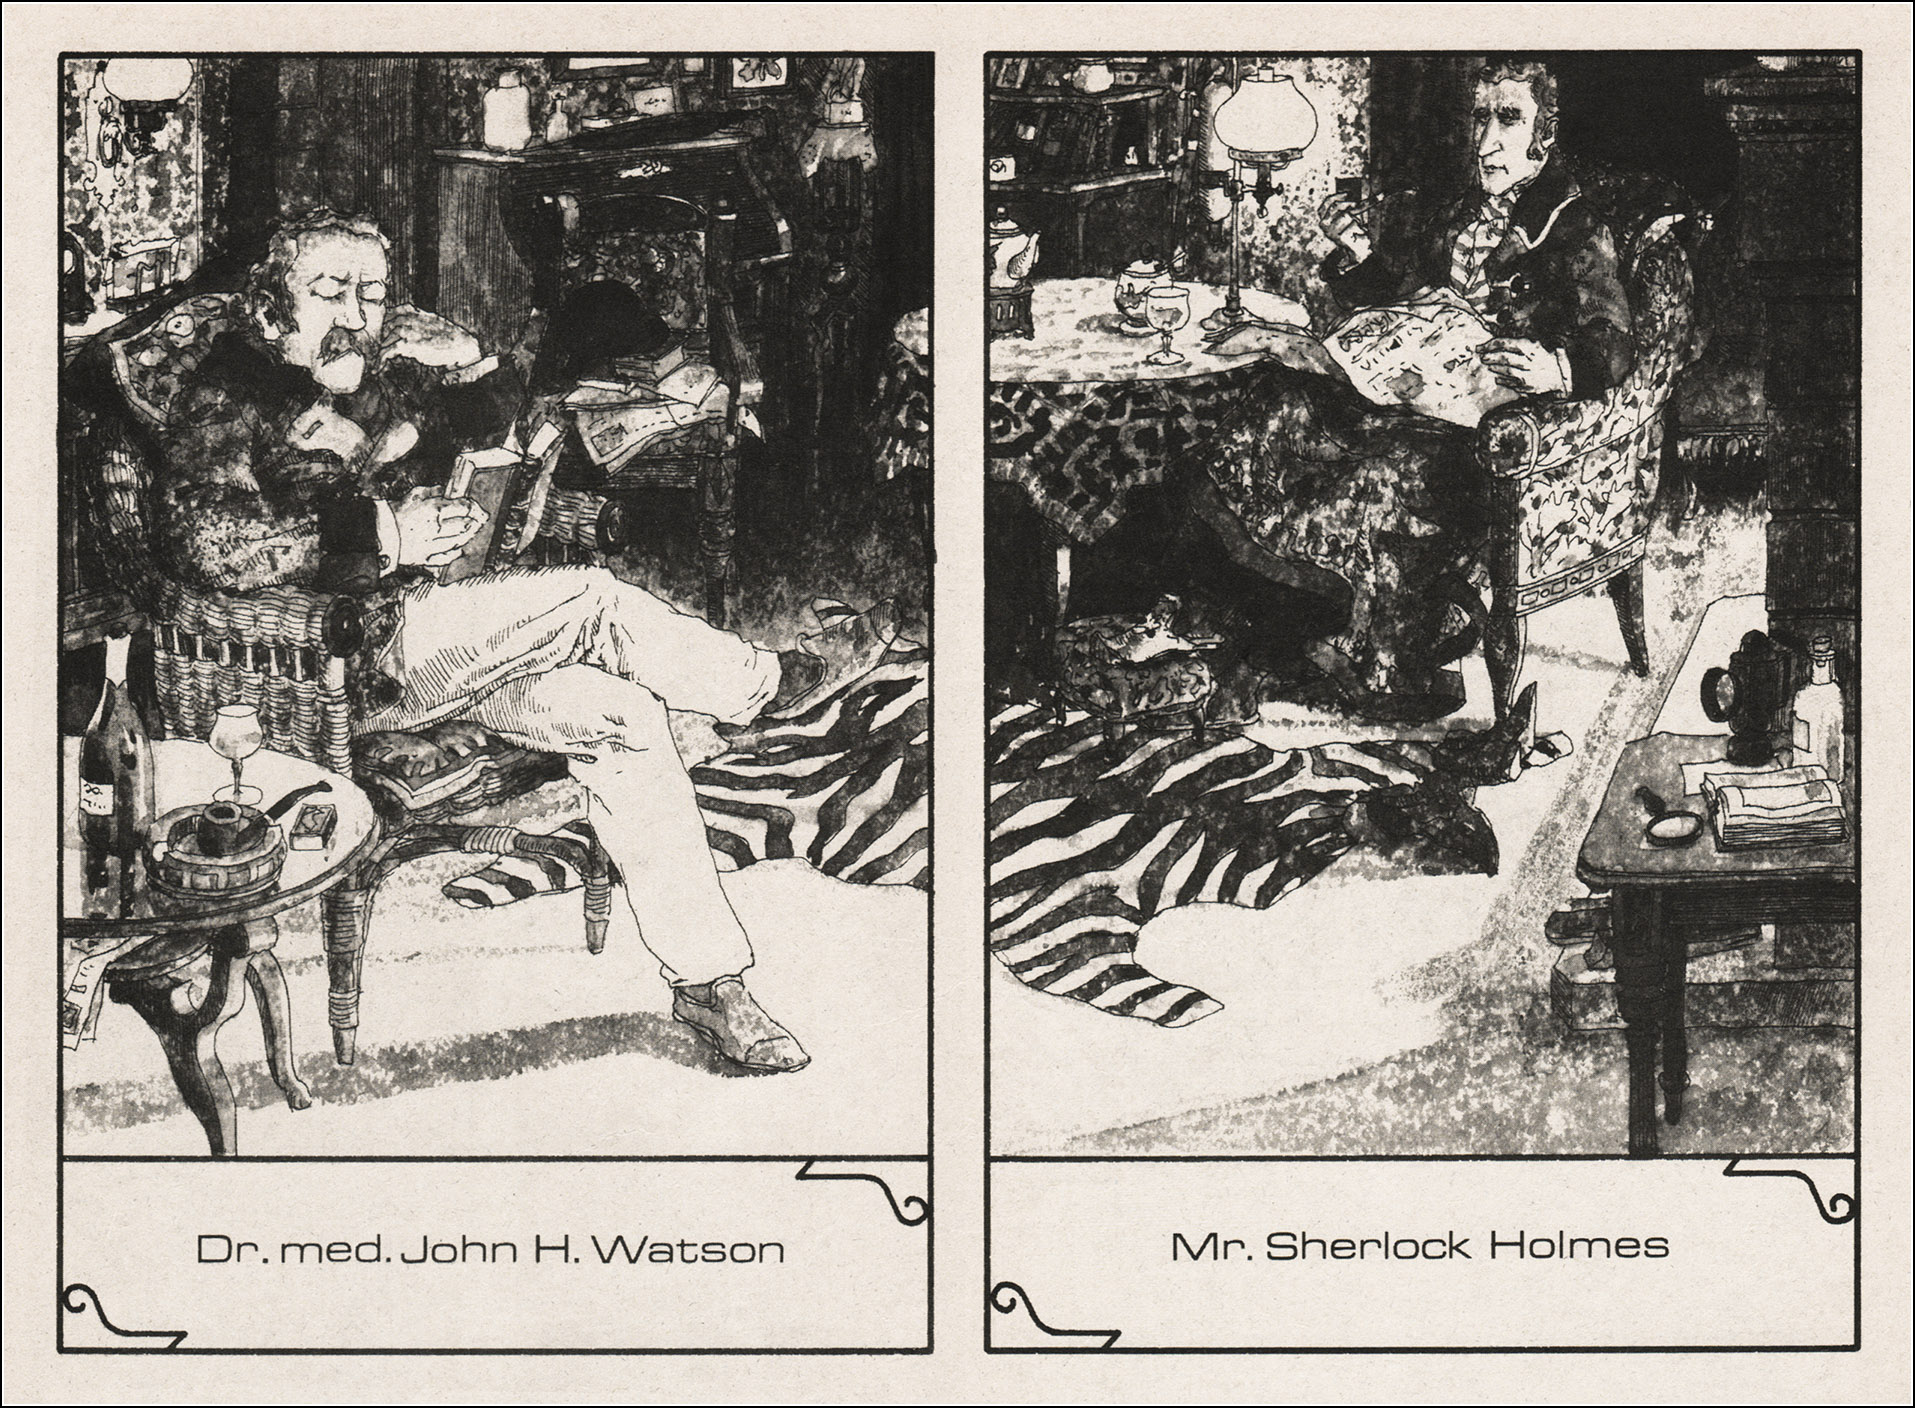 Eberhard Binder-Staßfurt, Sherlock Holmes